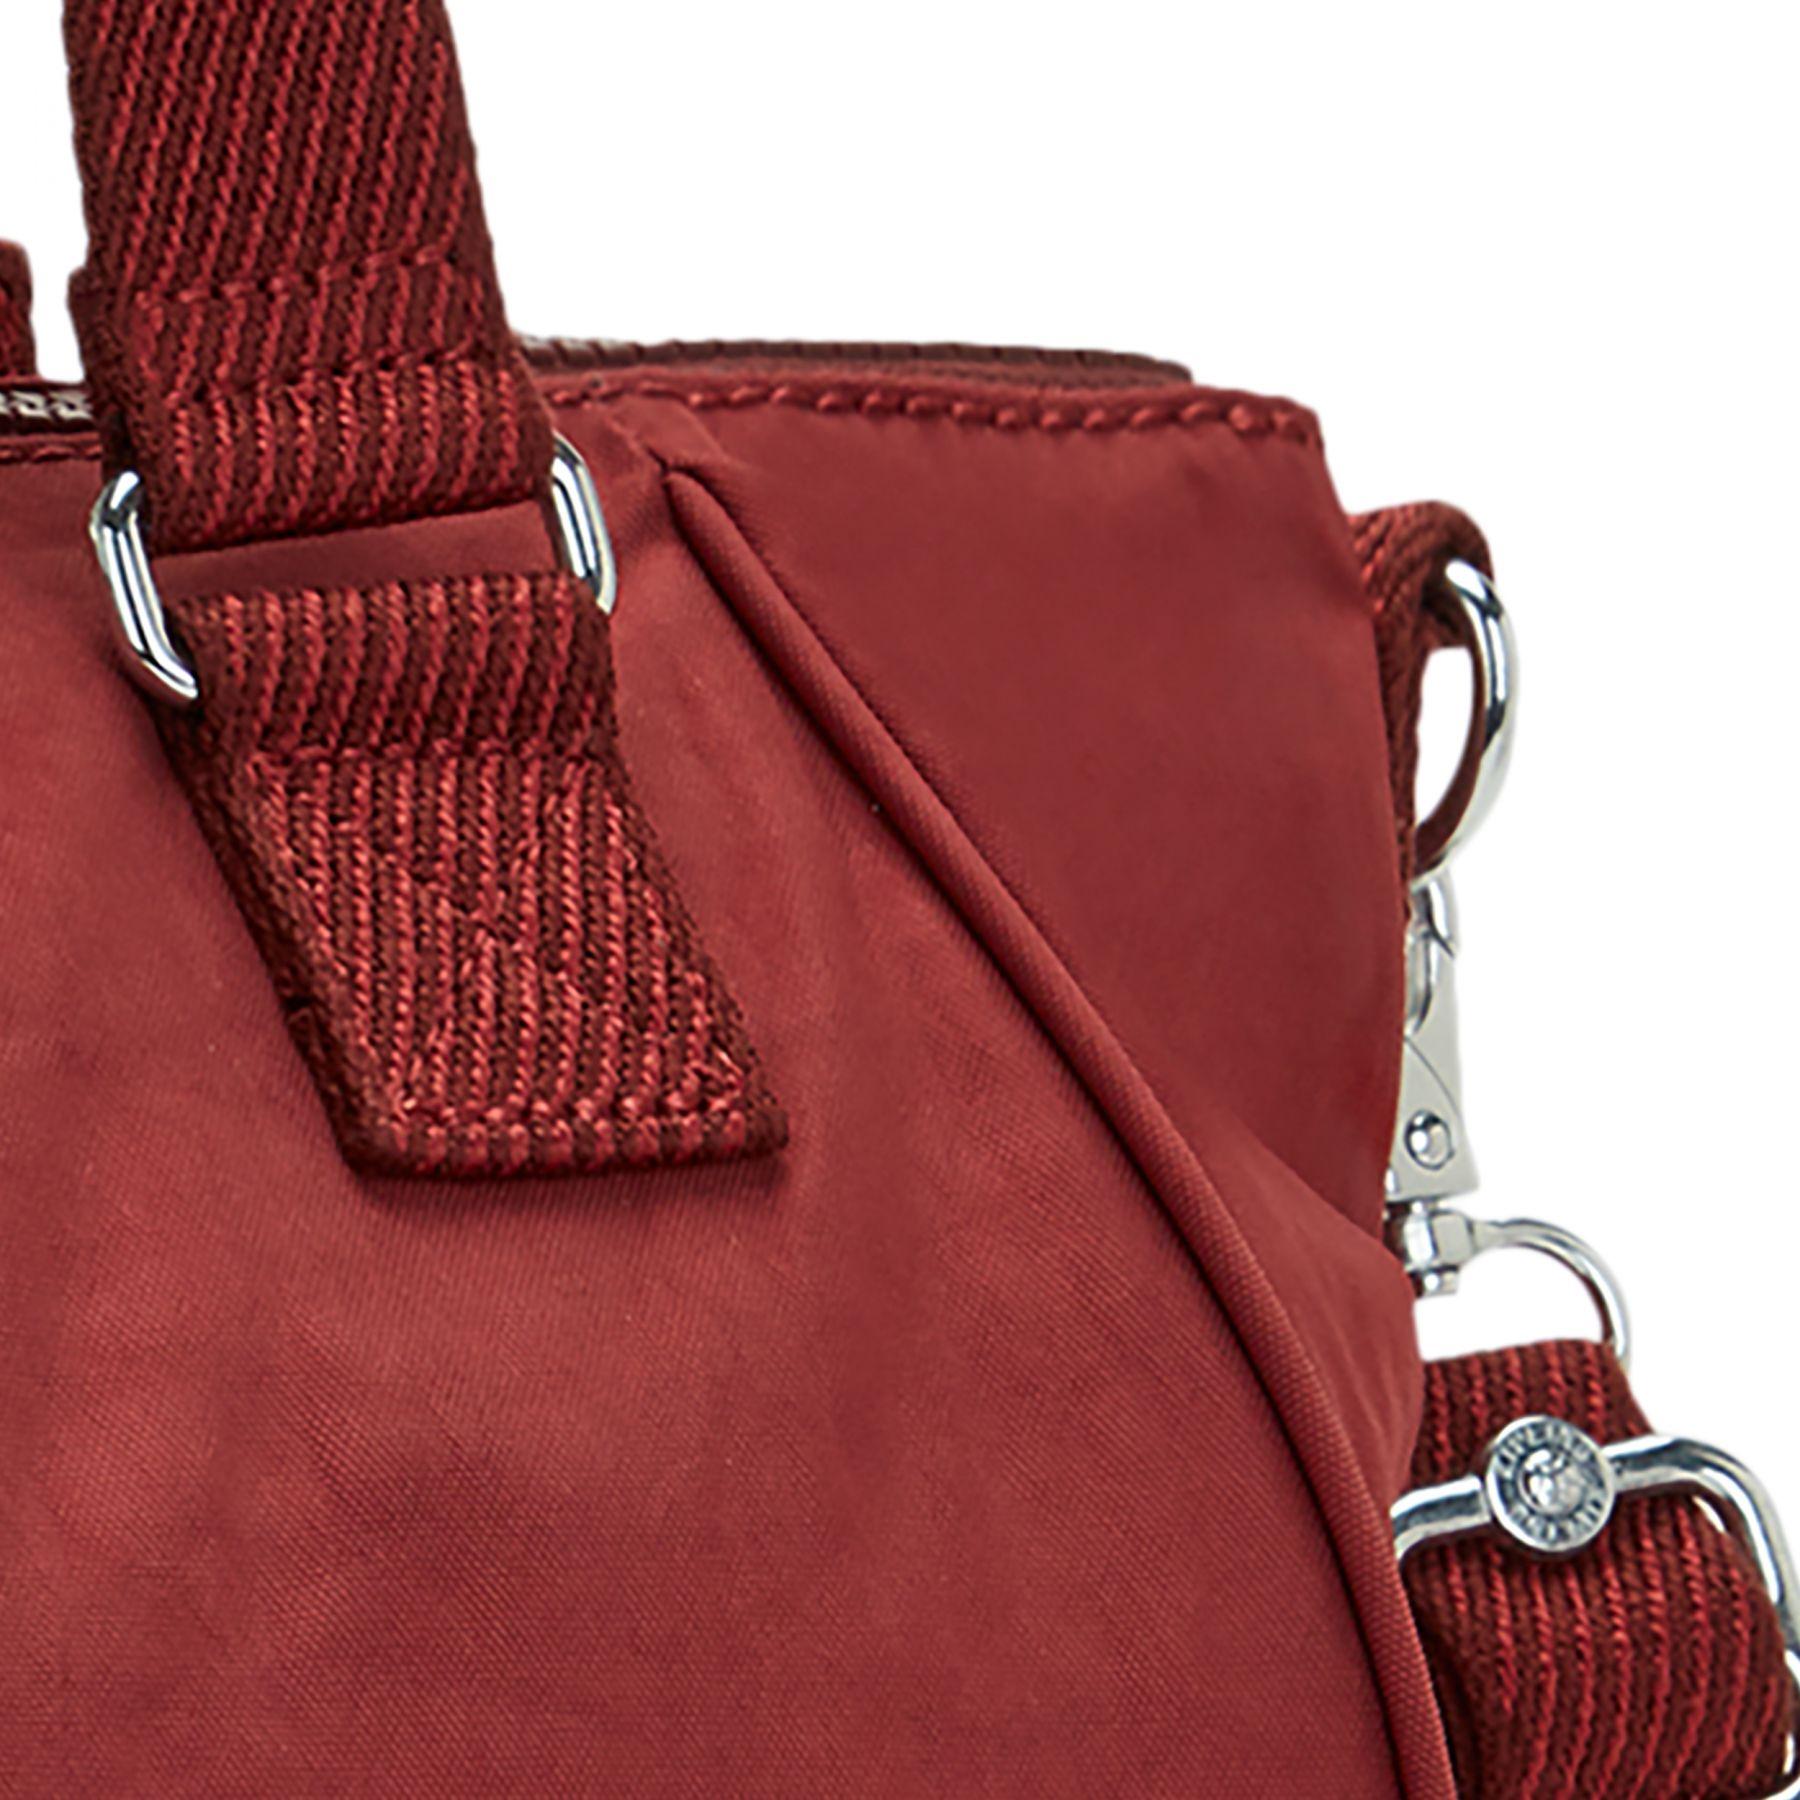 AMIEL BAGS by Kipling - view 5